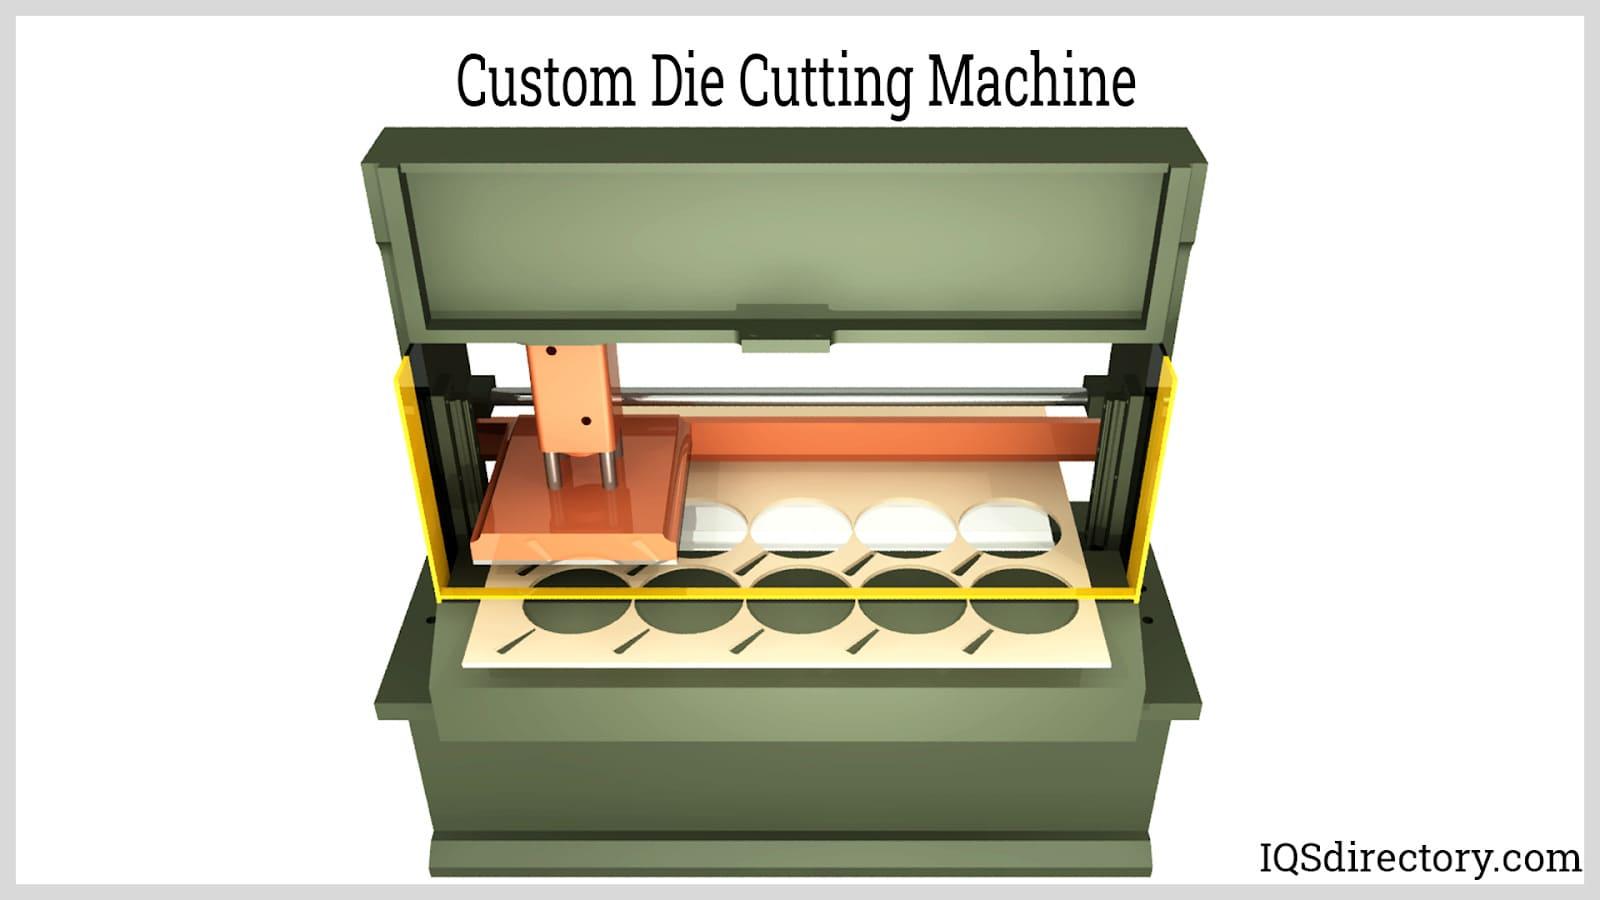 Custom Die Cutting Machine